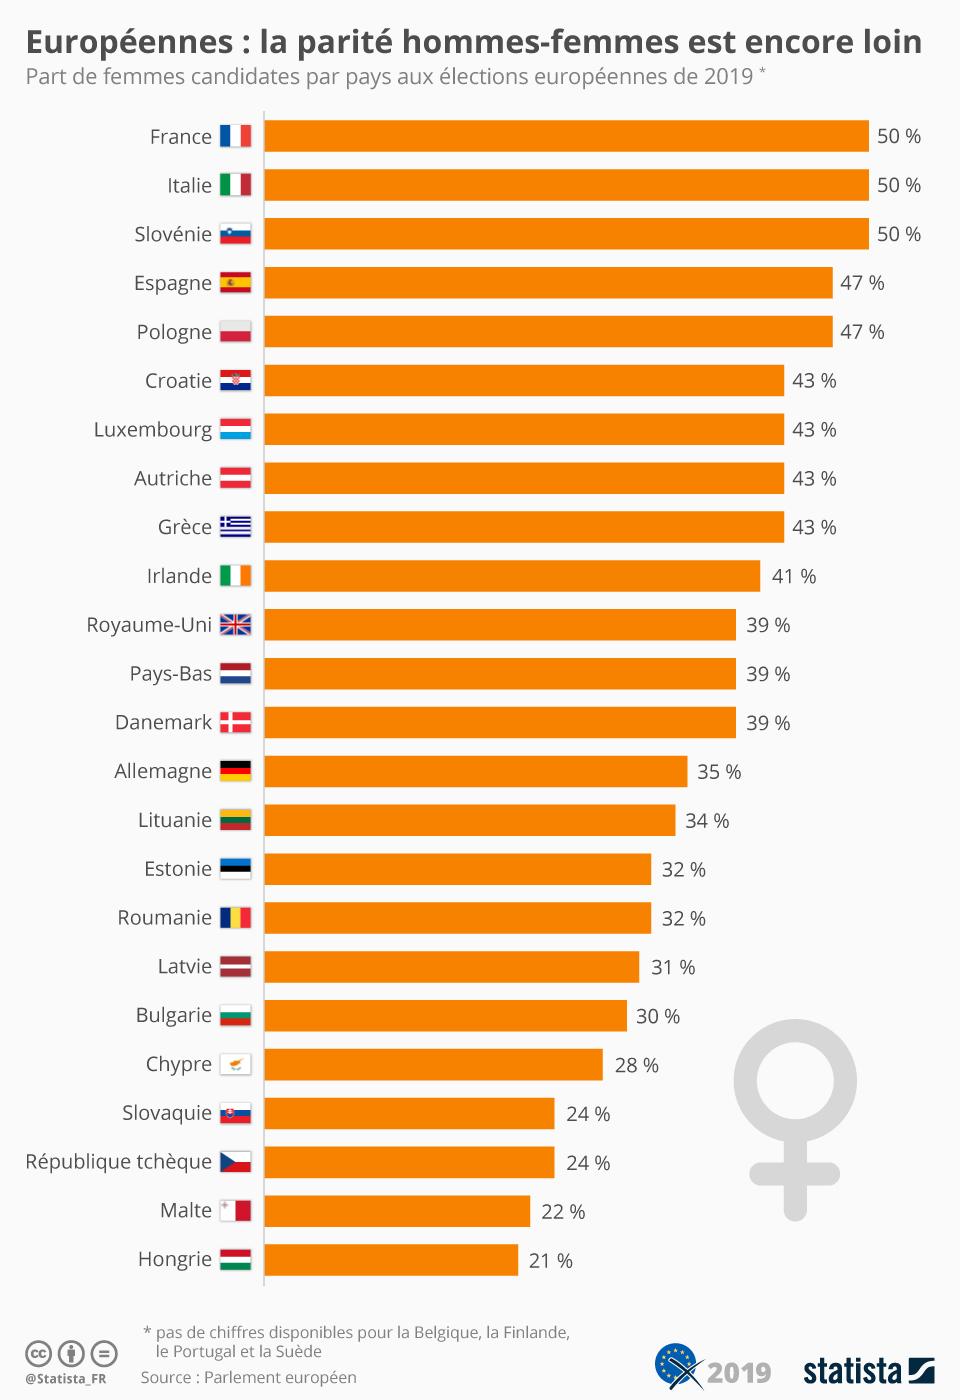 Infographie: Européennes : la parité hommes-femmes est encore loin | Statista